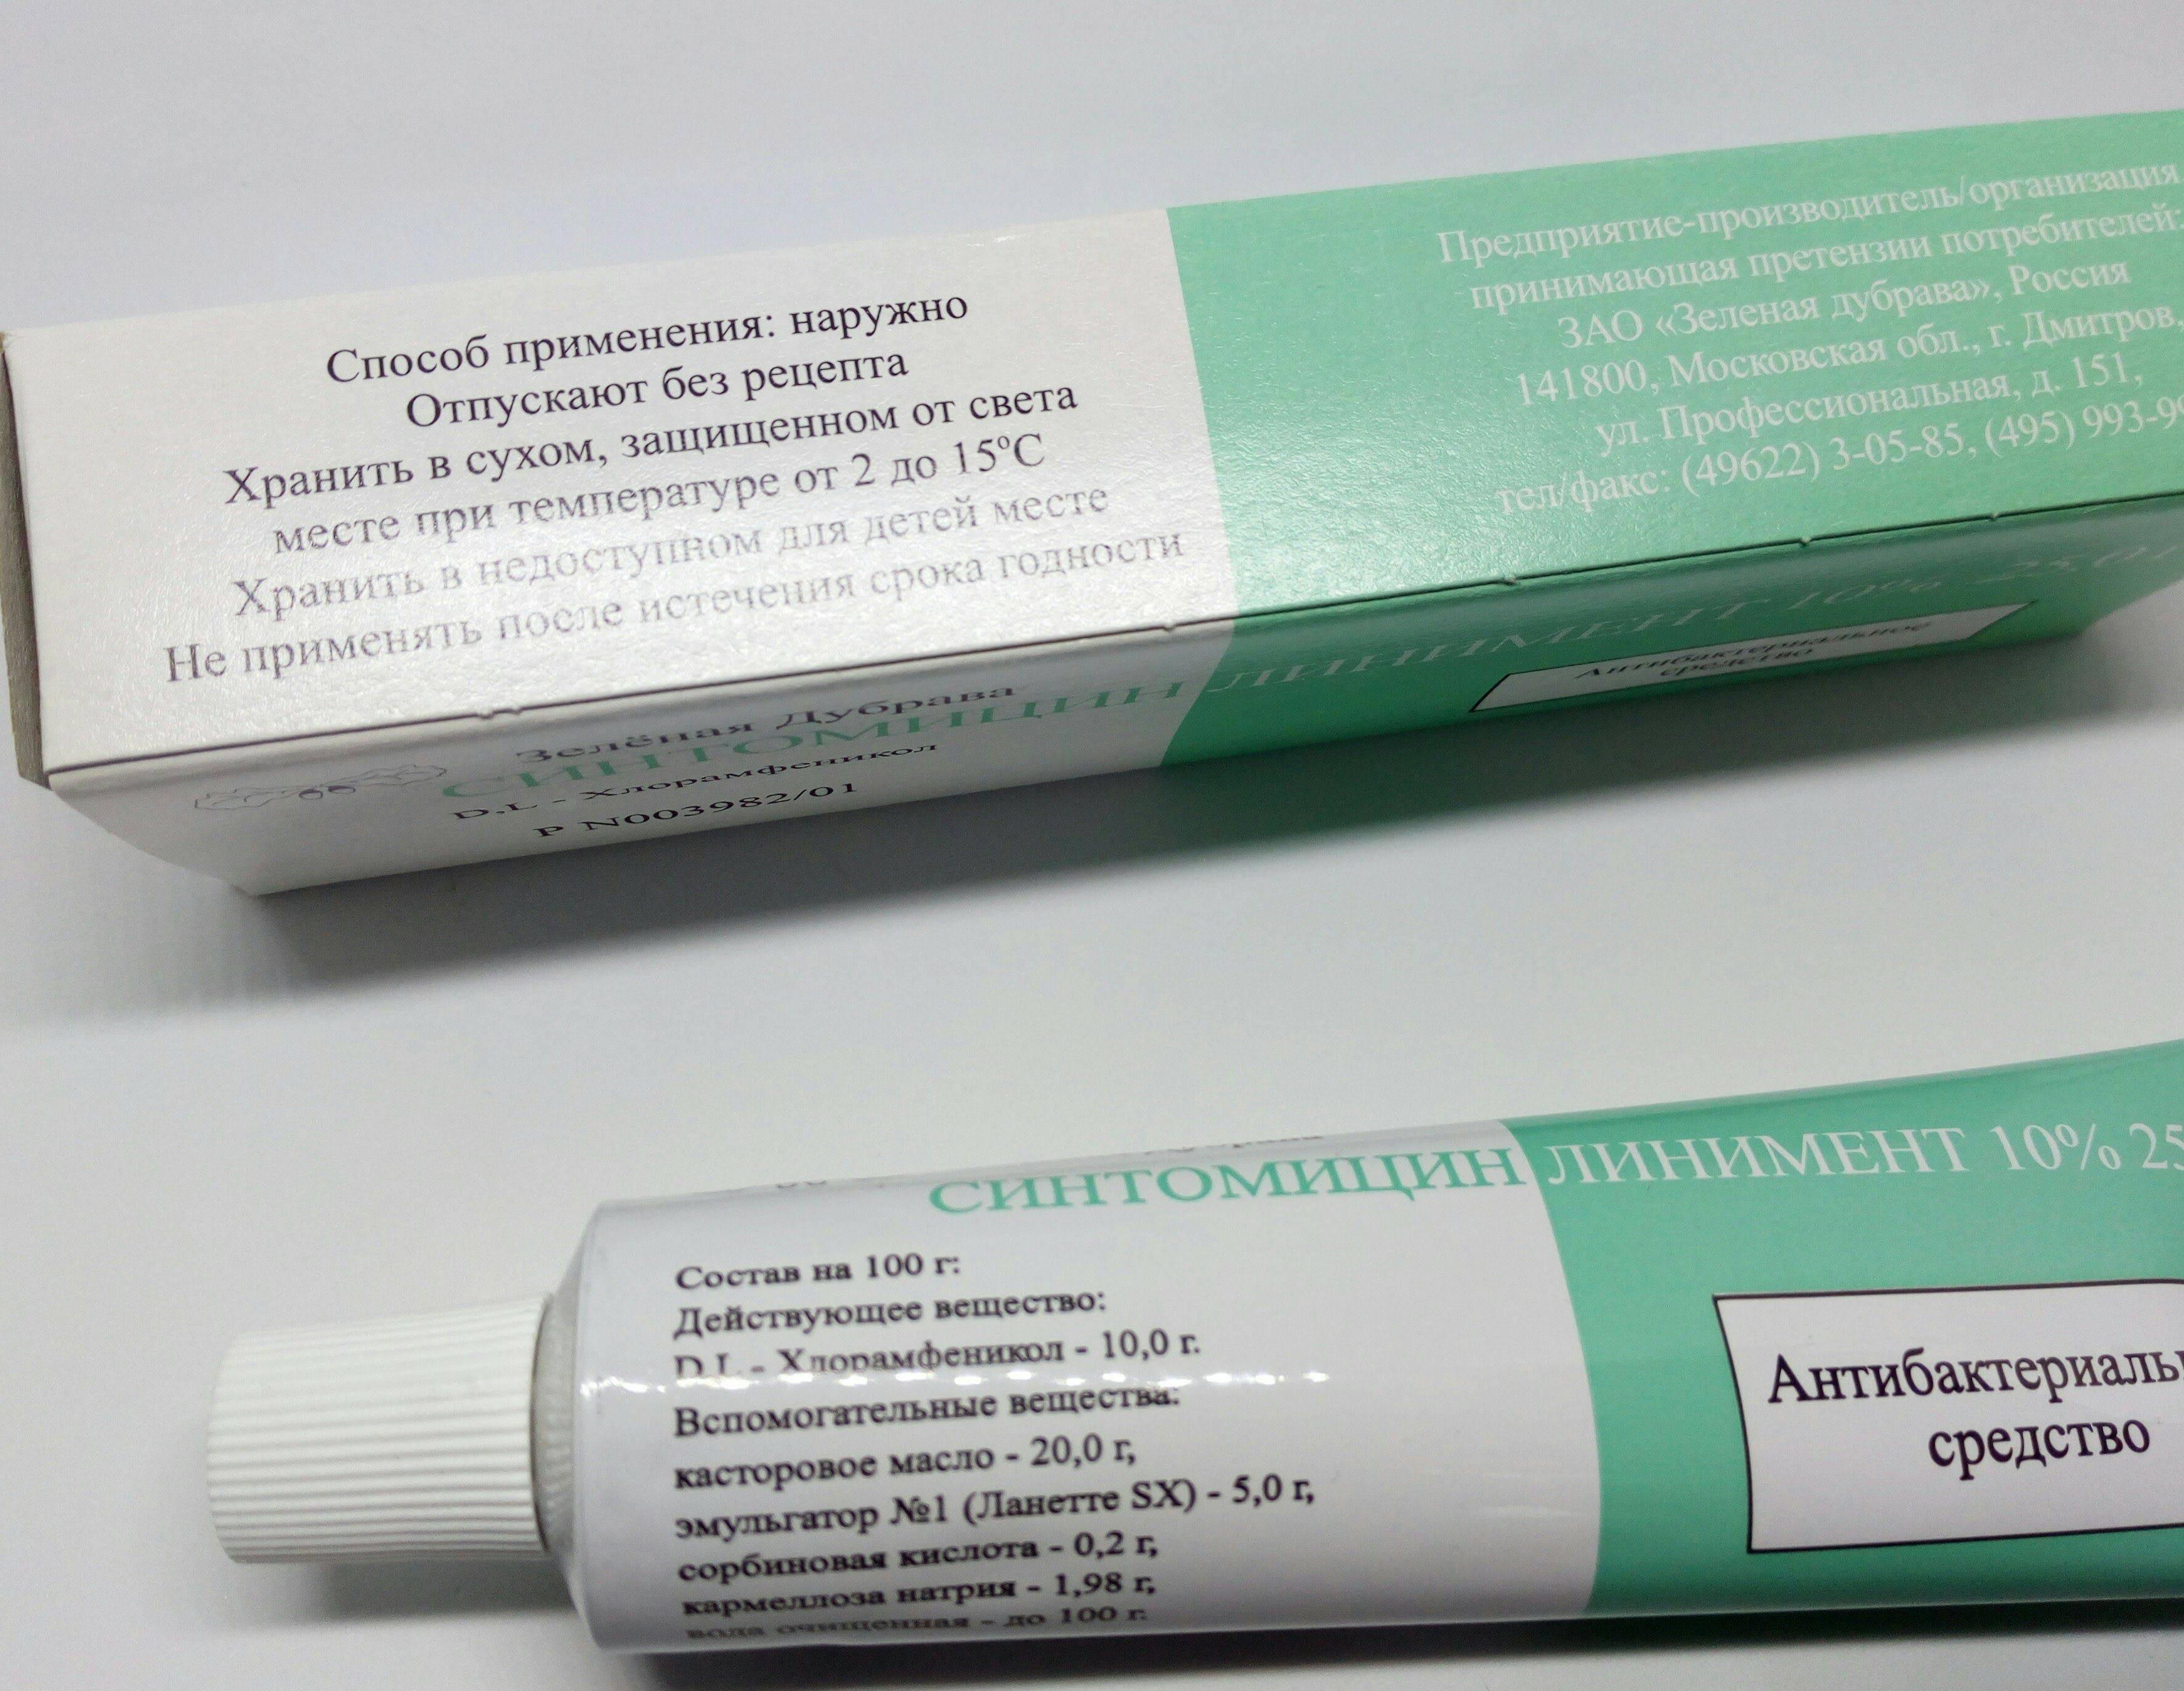 Синтомициновая эмульсия: состав, инструкция по применению, аналоги и отзывы